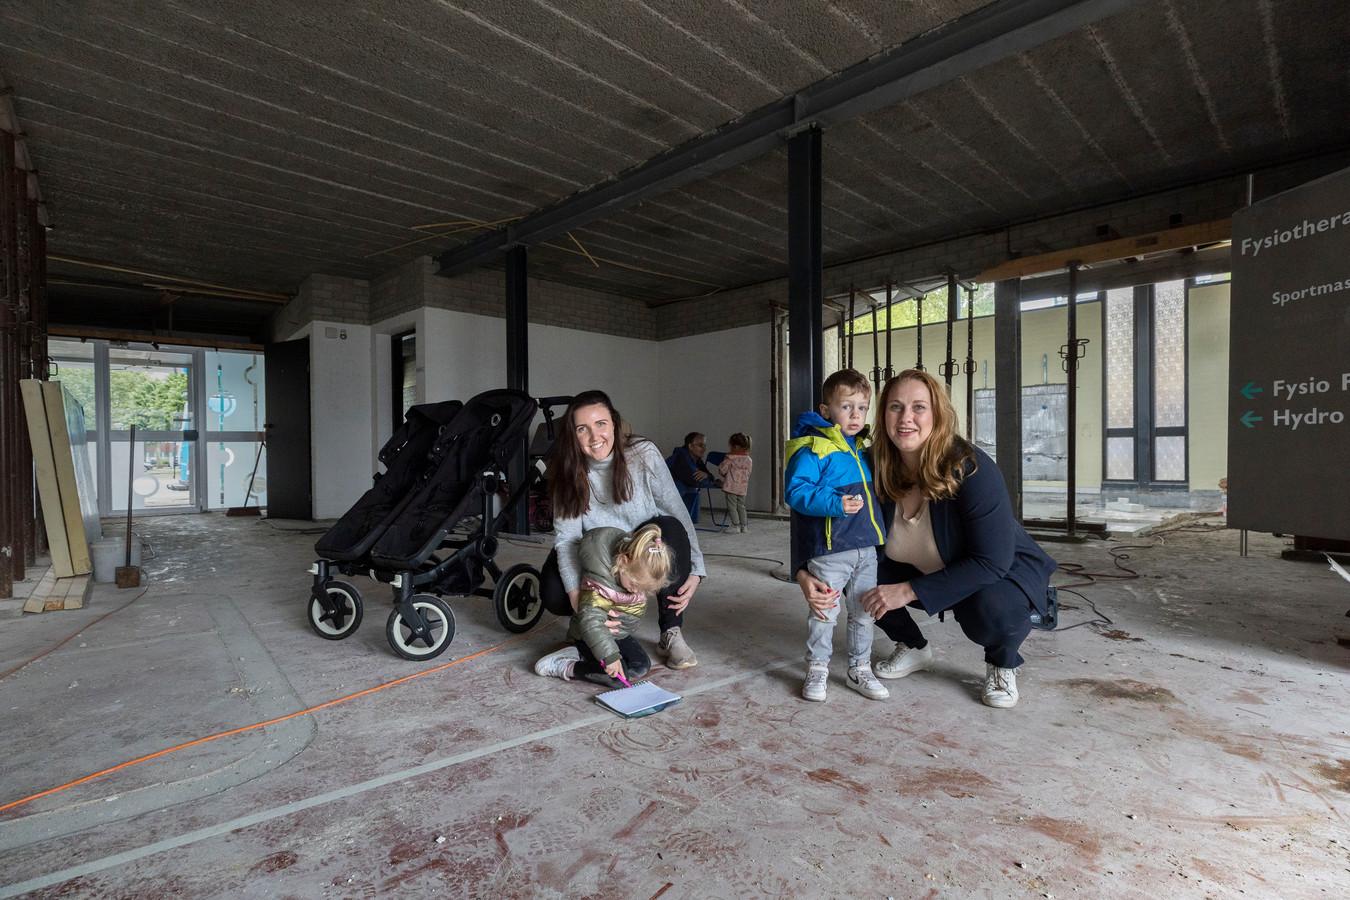 Het voormalige pand van de fysiotherapeuten Beusen/Foudraine wordt verbouwd tot een (particulier) kinderdagverblijf. Eigenaresse Dymphna Monster (rechts) en pedagogisch medewerker Tessa van Werde (links)